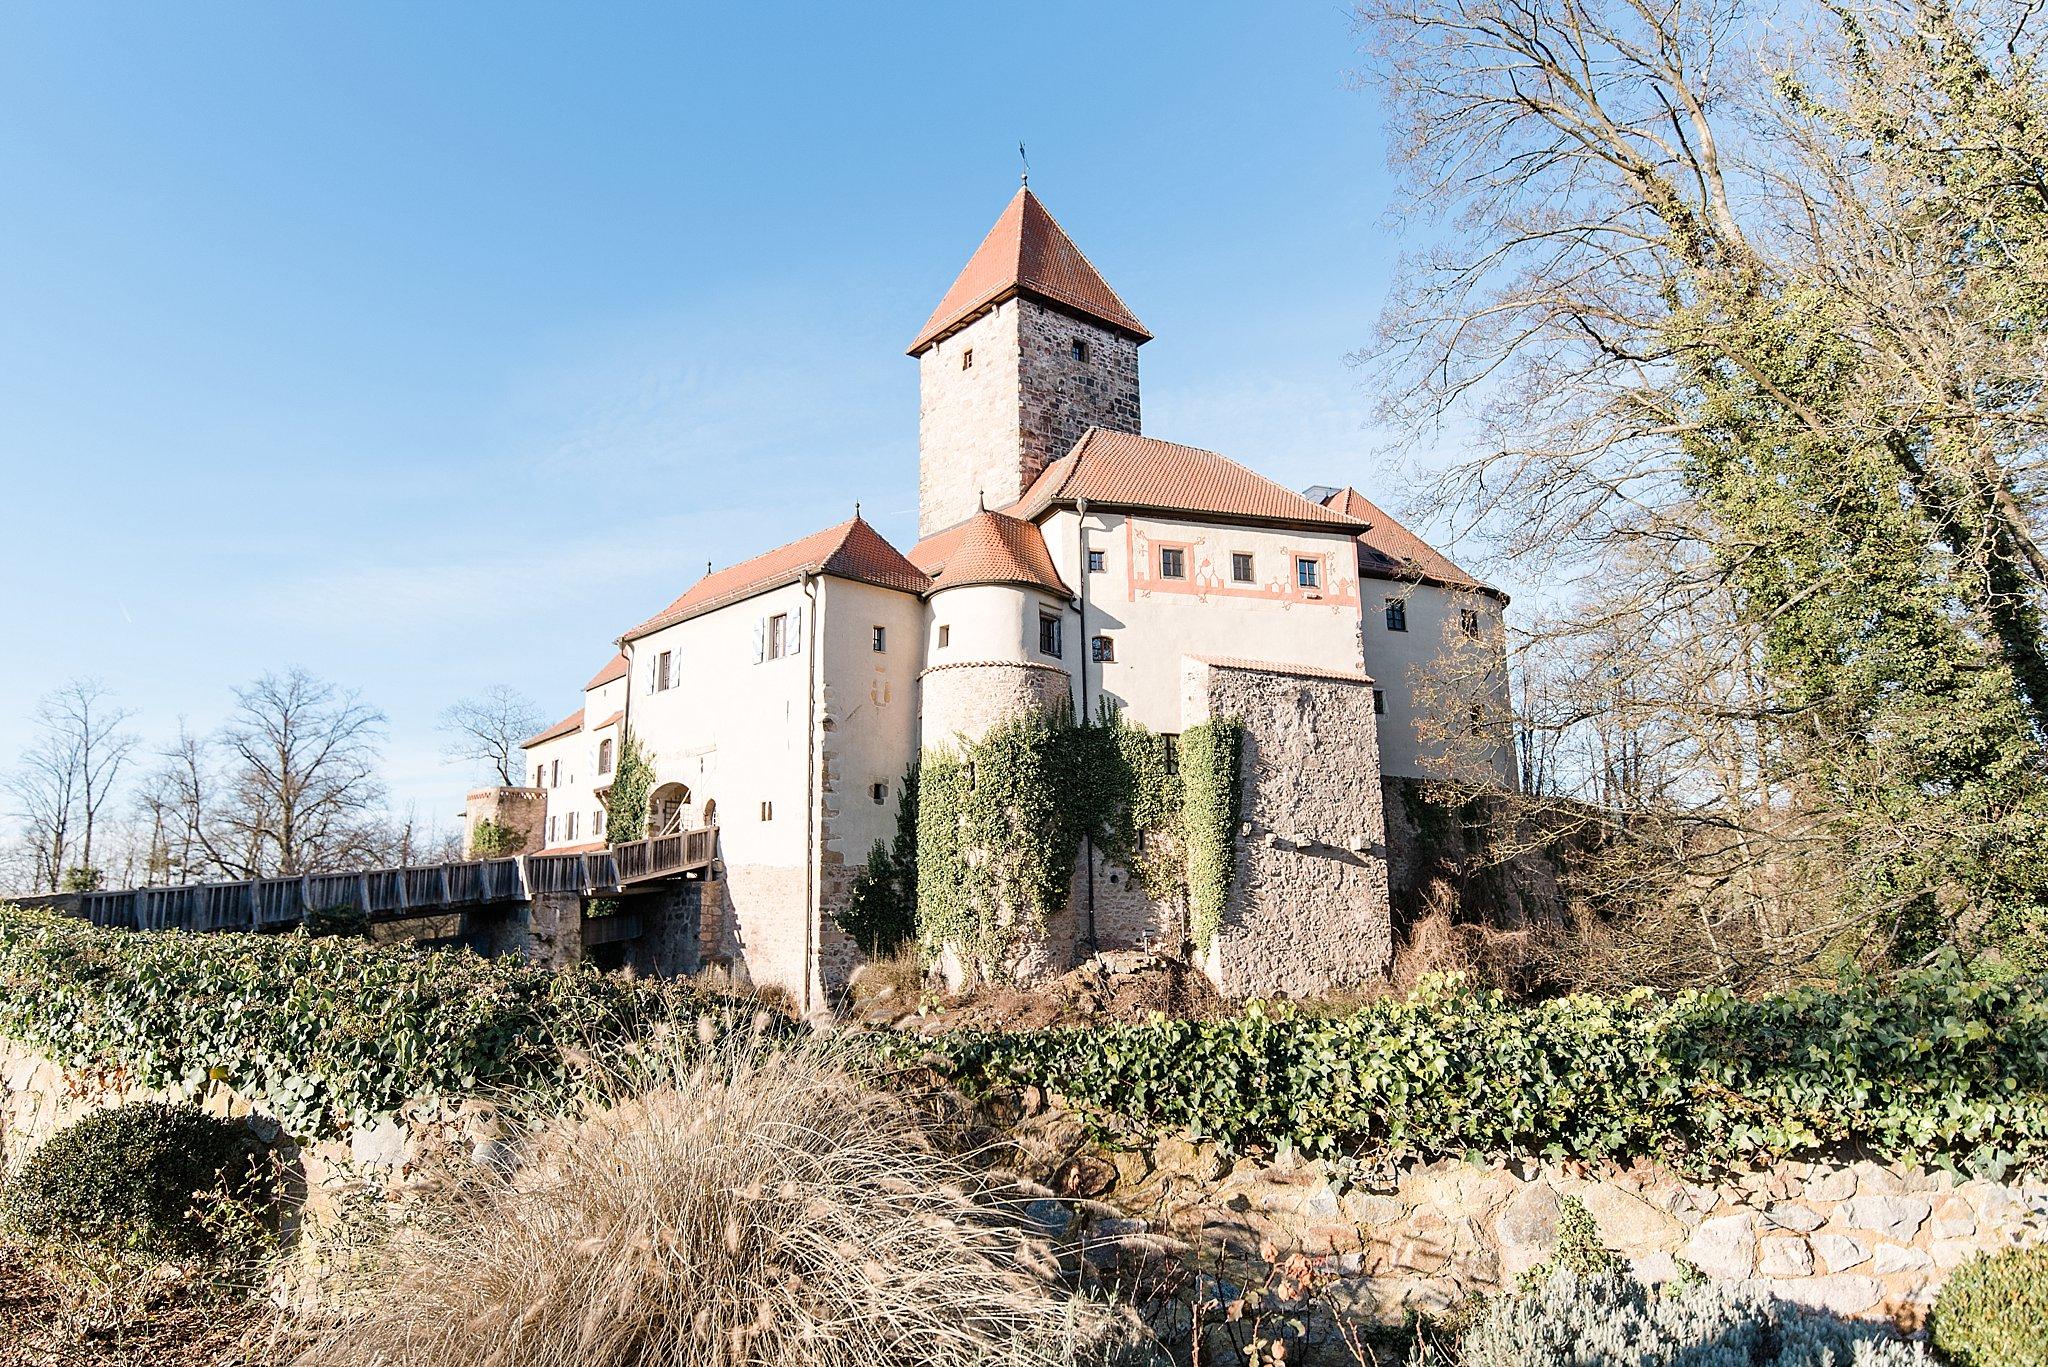 Hochzeitsfotograf Oberpfalz Bayern_Hochzeit Burg Wernberg_2204